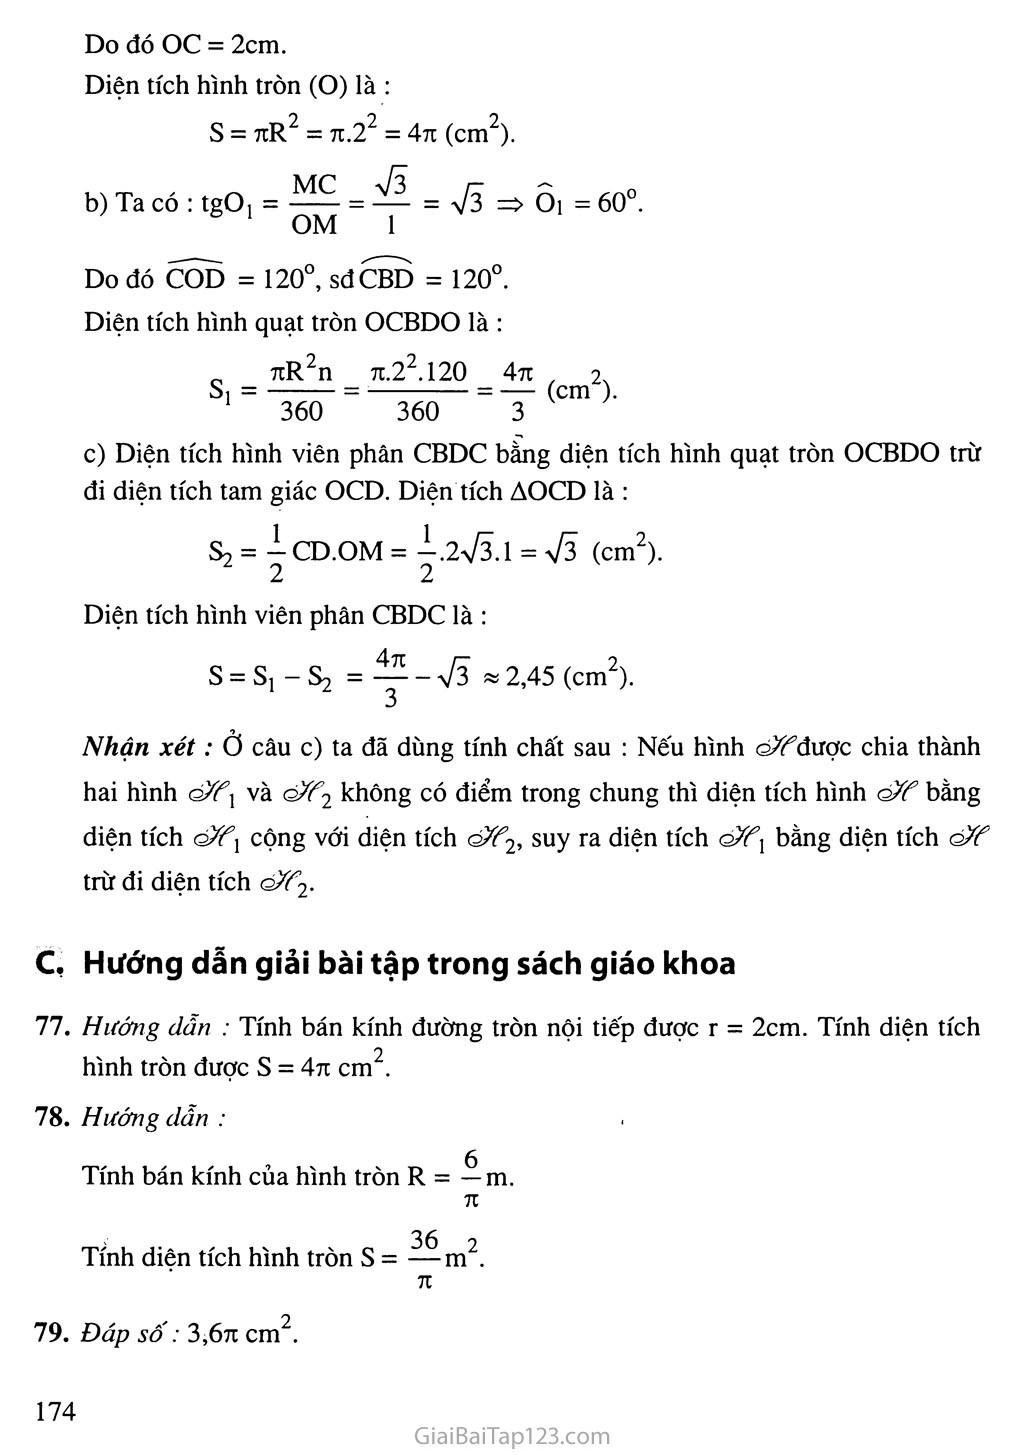 Bài 10. Diện tích hình tròn, hình quạt tròn trang 2